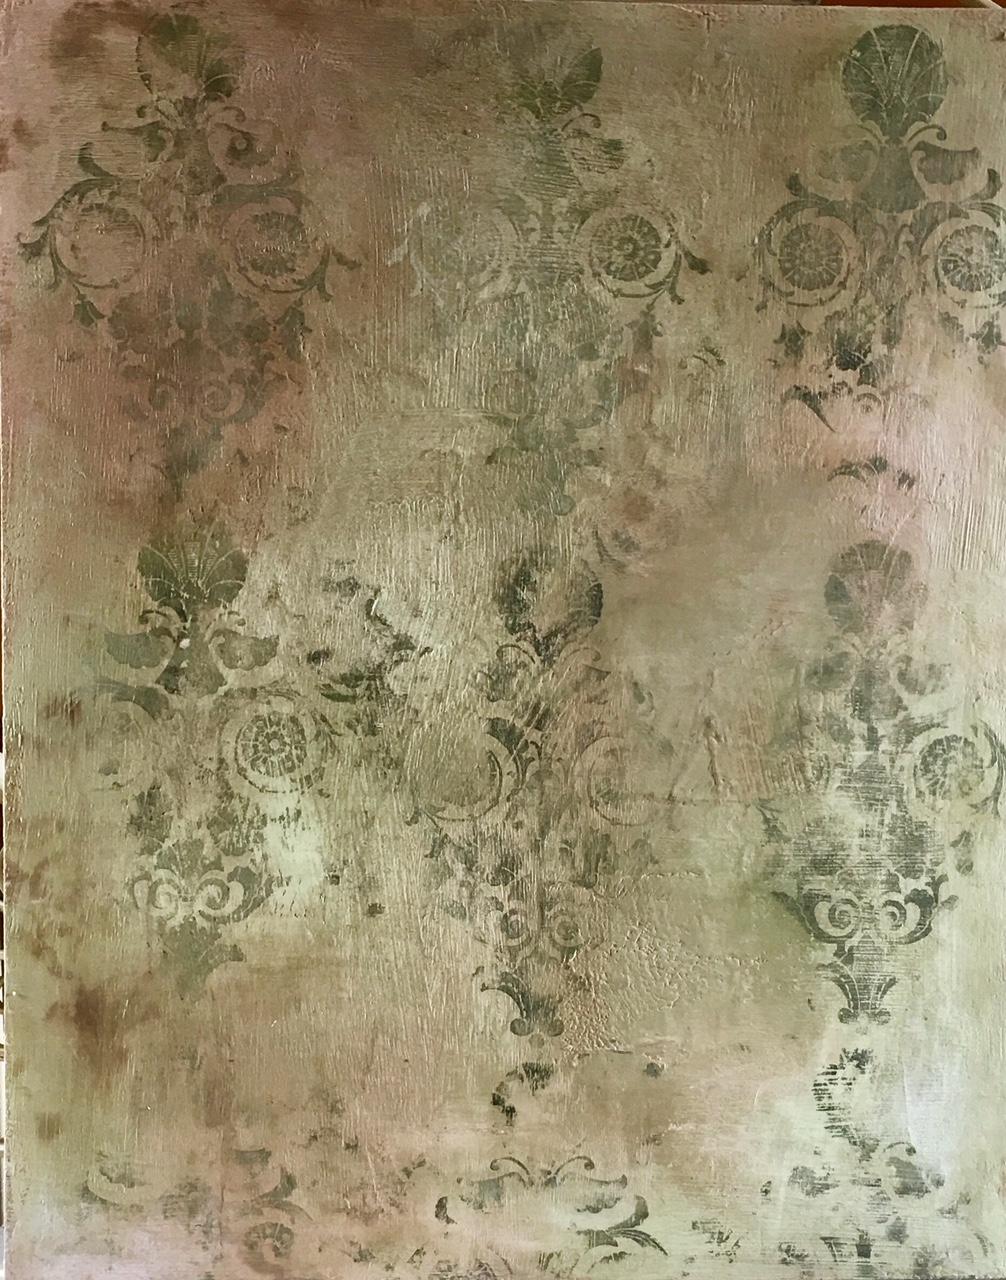 Pittura Effetto Intonaco Invecchiato patine antiche a parete